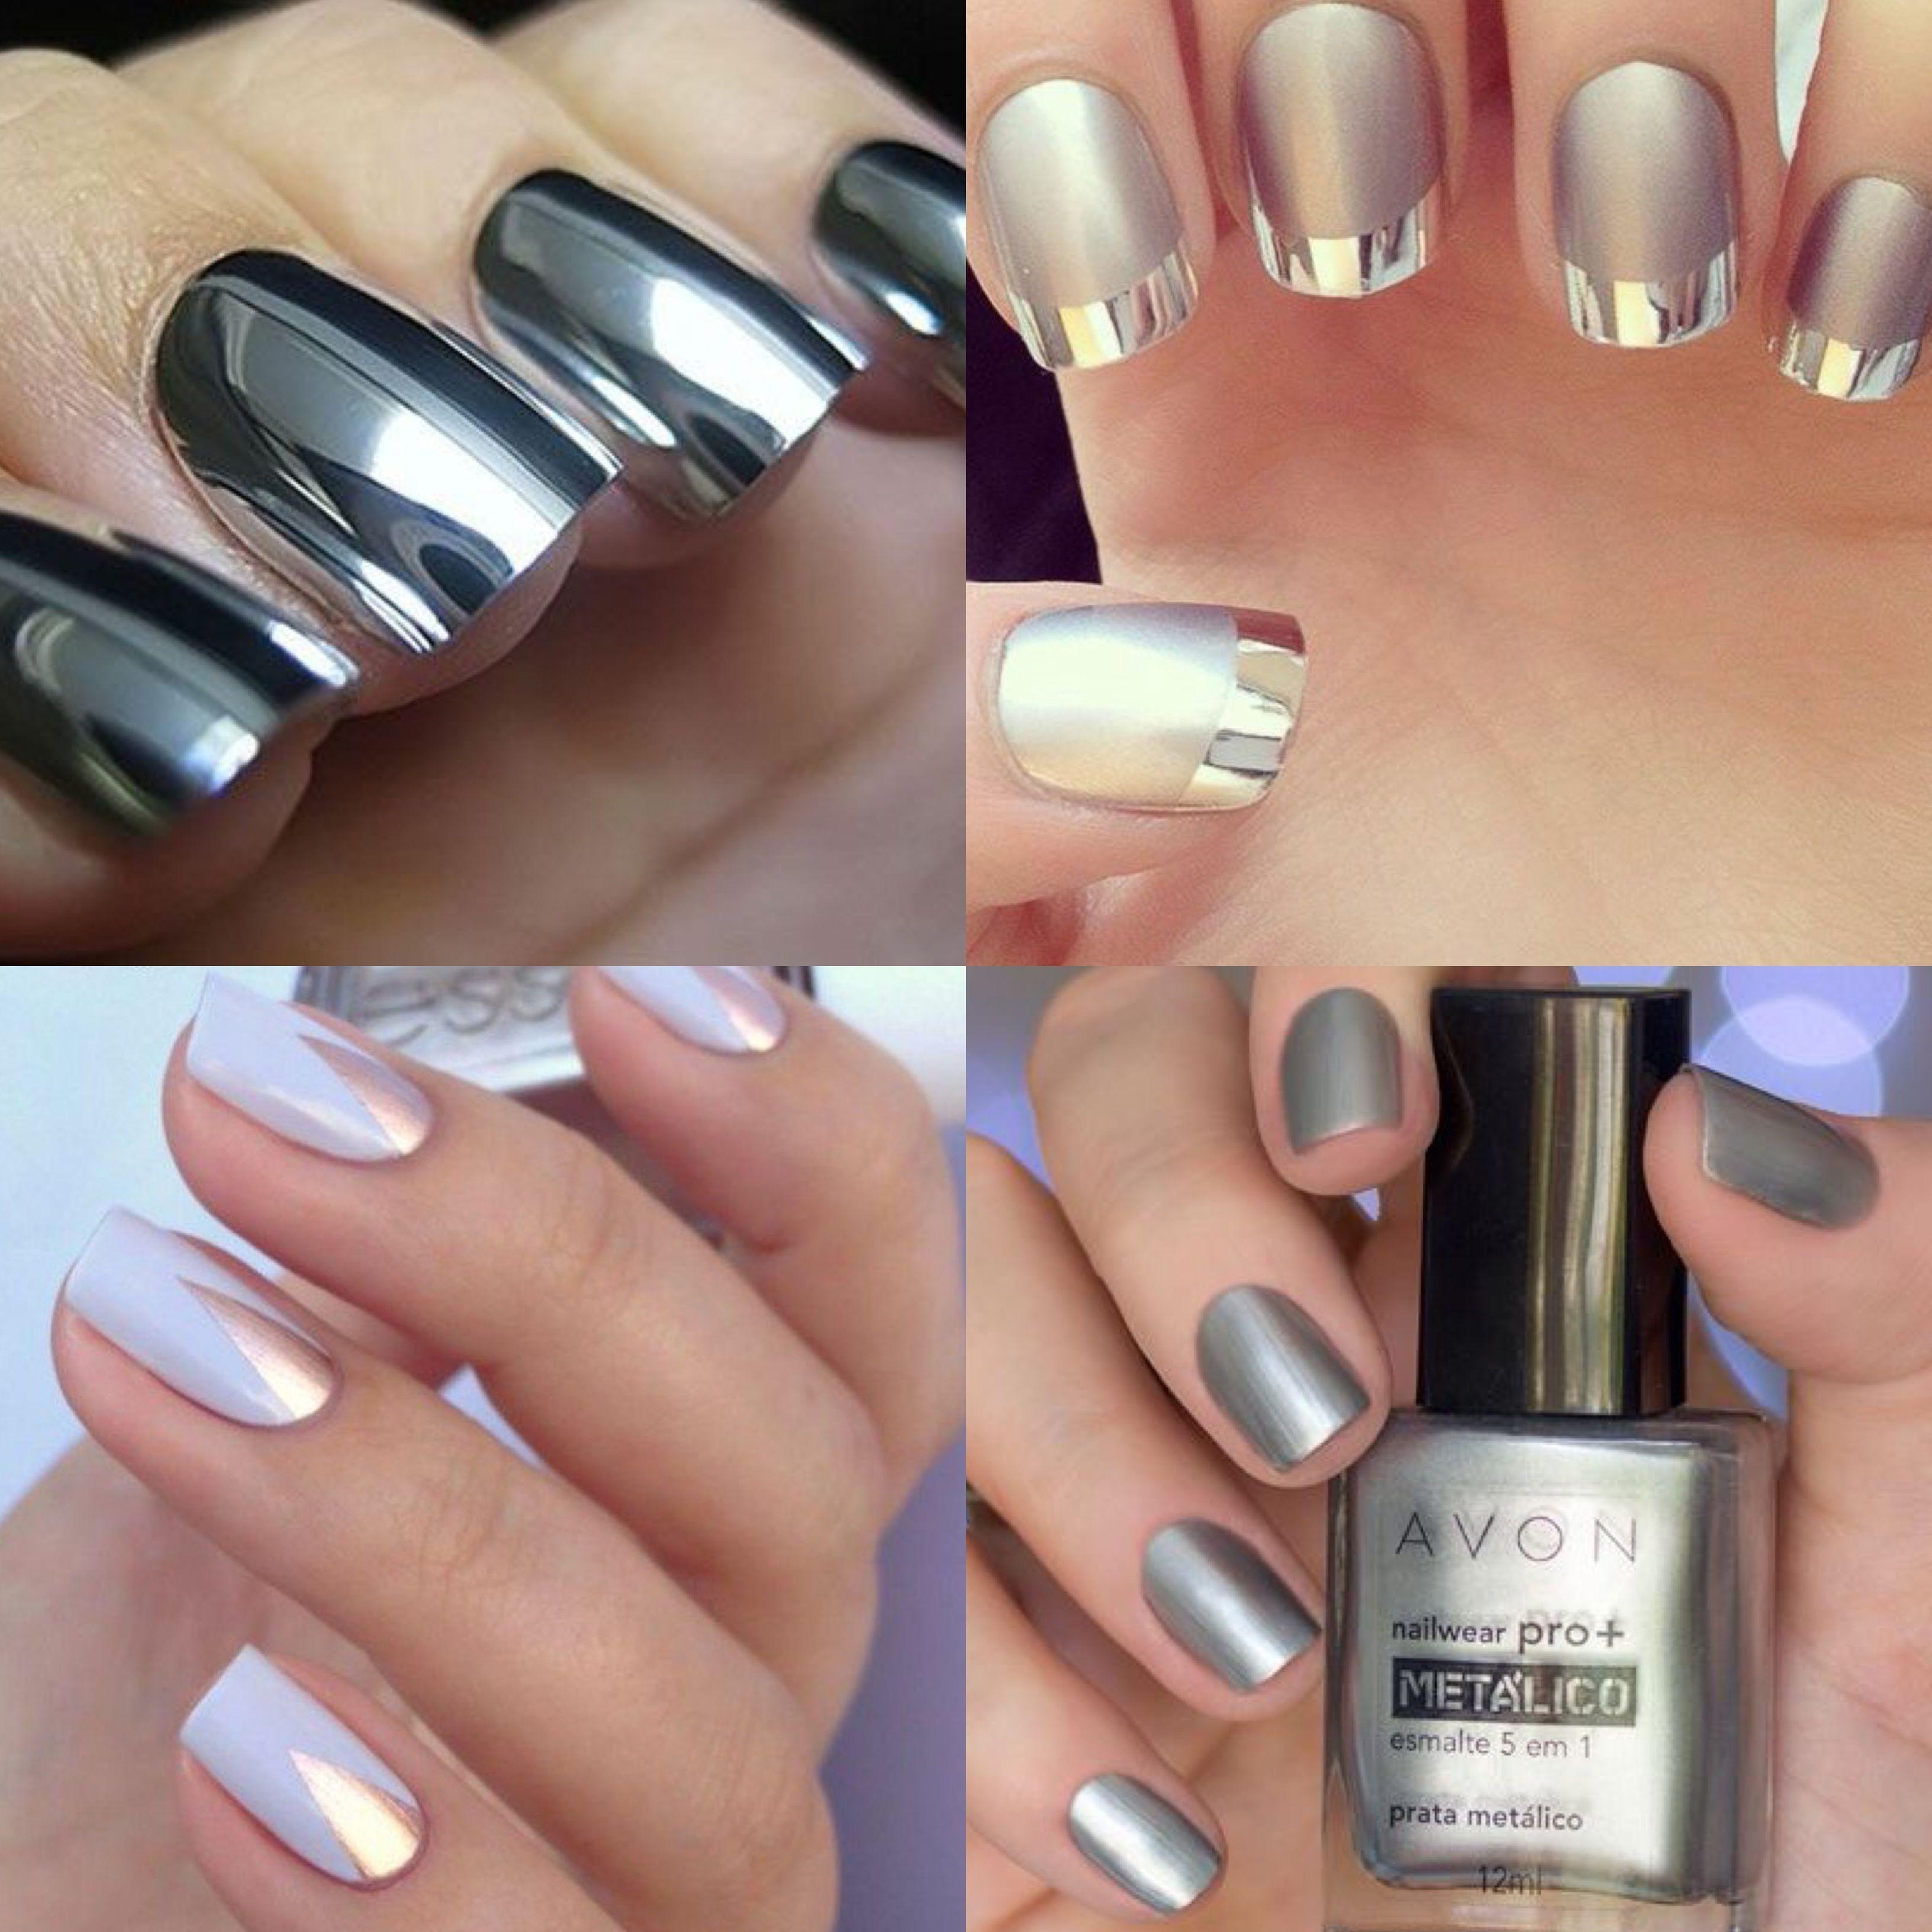 Tendência: Metalizados - tendência, metalizado, unha, esmalte, prata,  silver, metallized, metalizada. | Esmalte de unhas, Unha, Esmalte